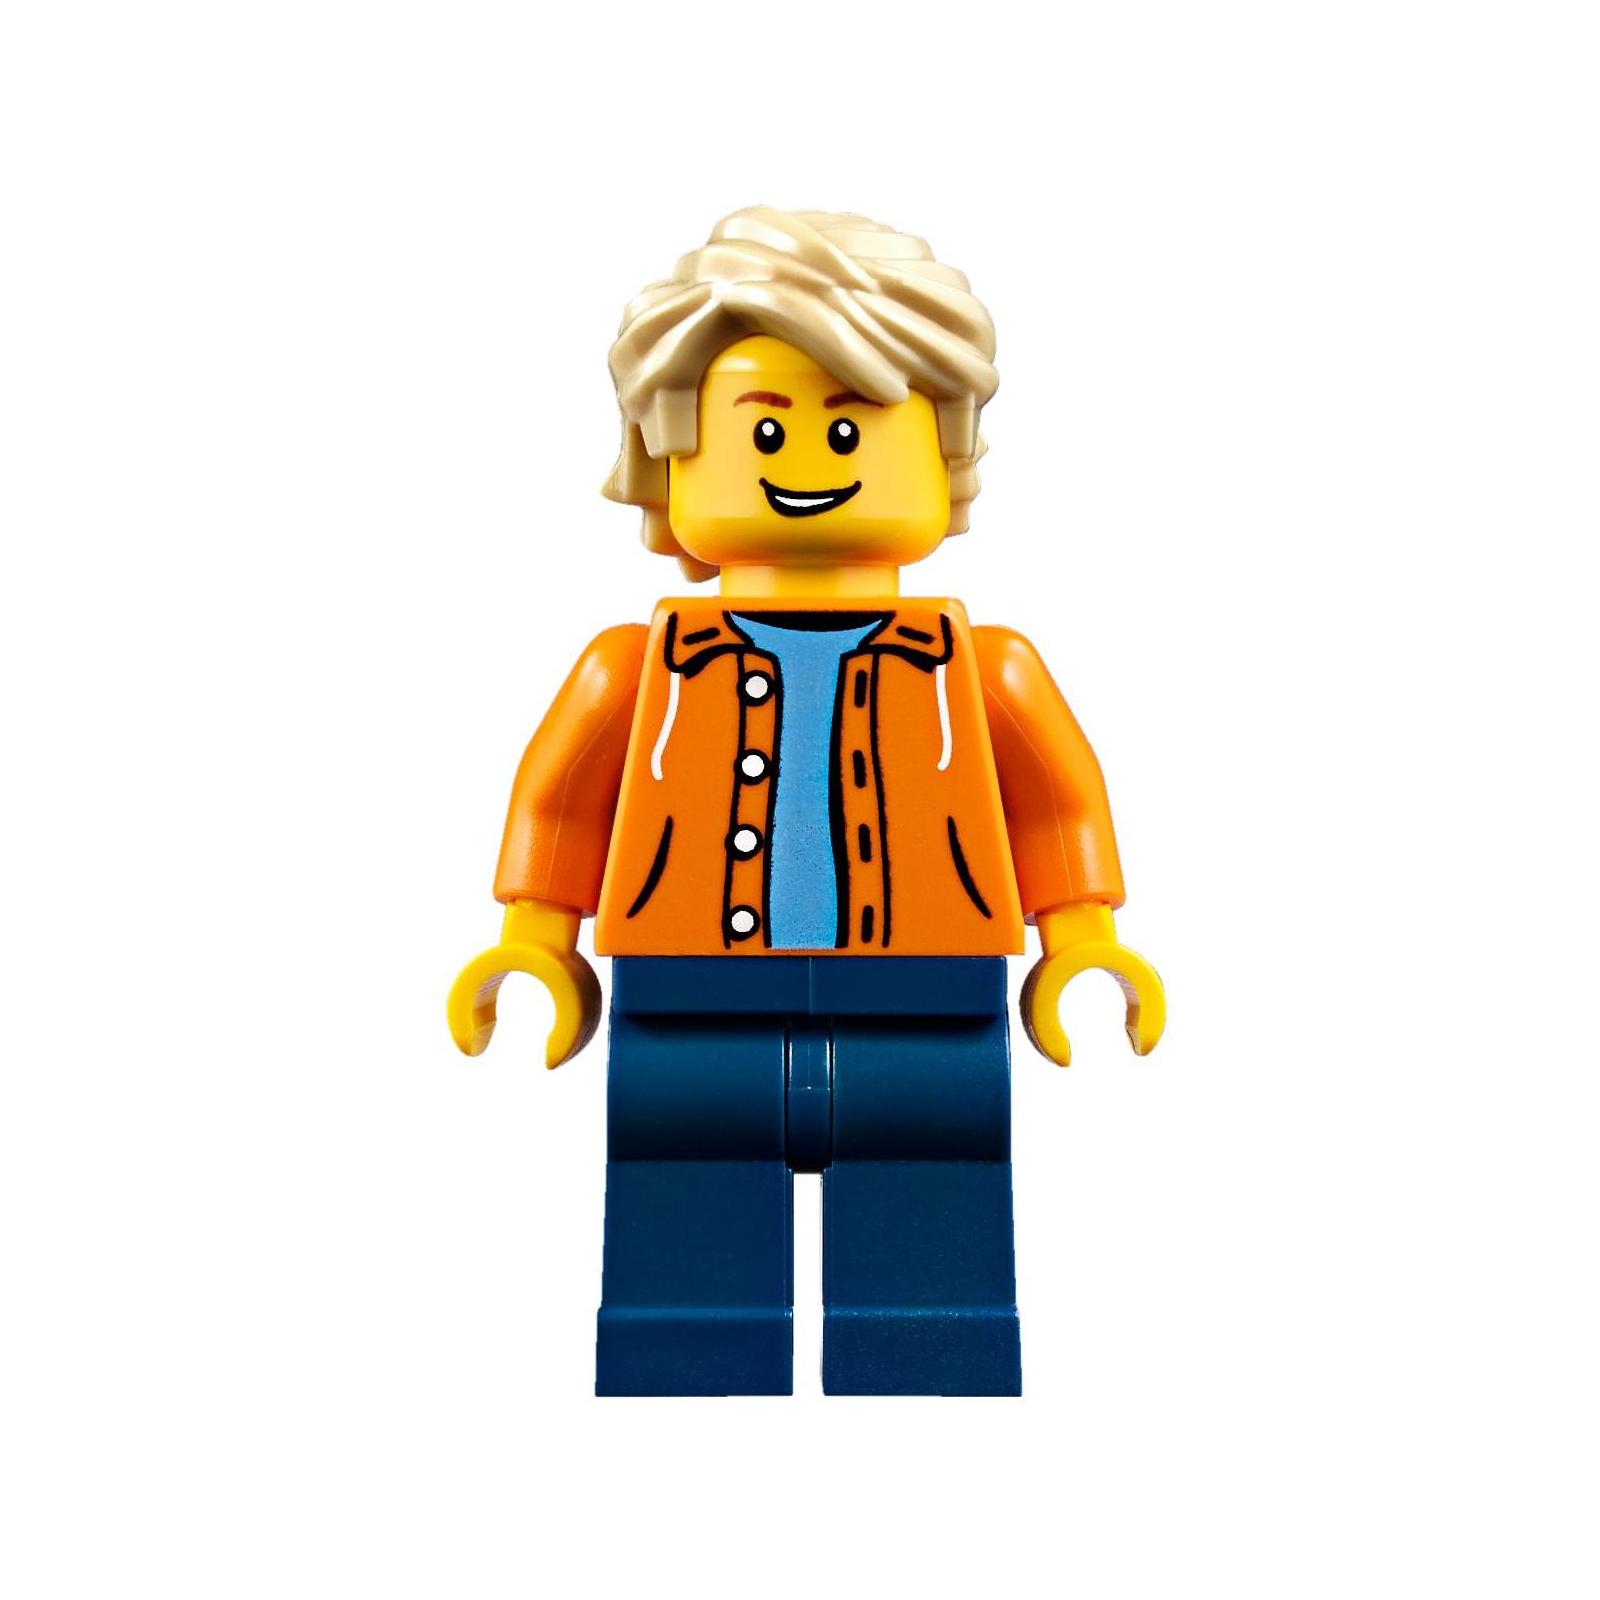 Конструктор LEGO Creator Модульный набор Каток (31081) изображение 12